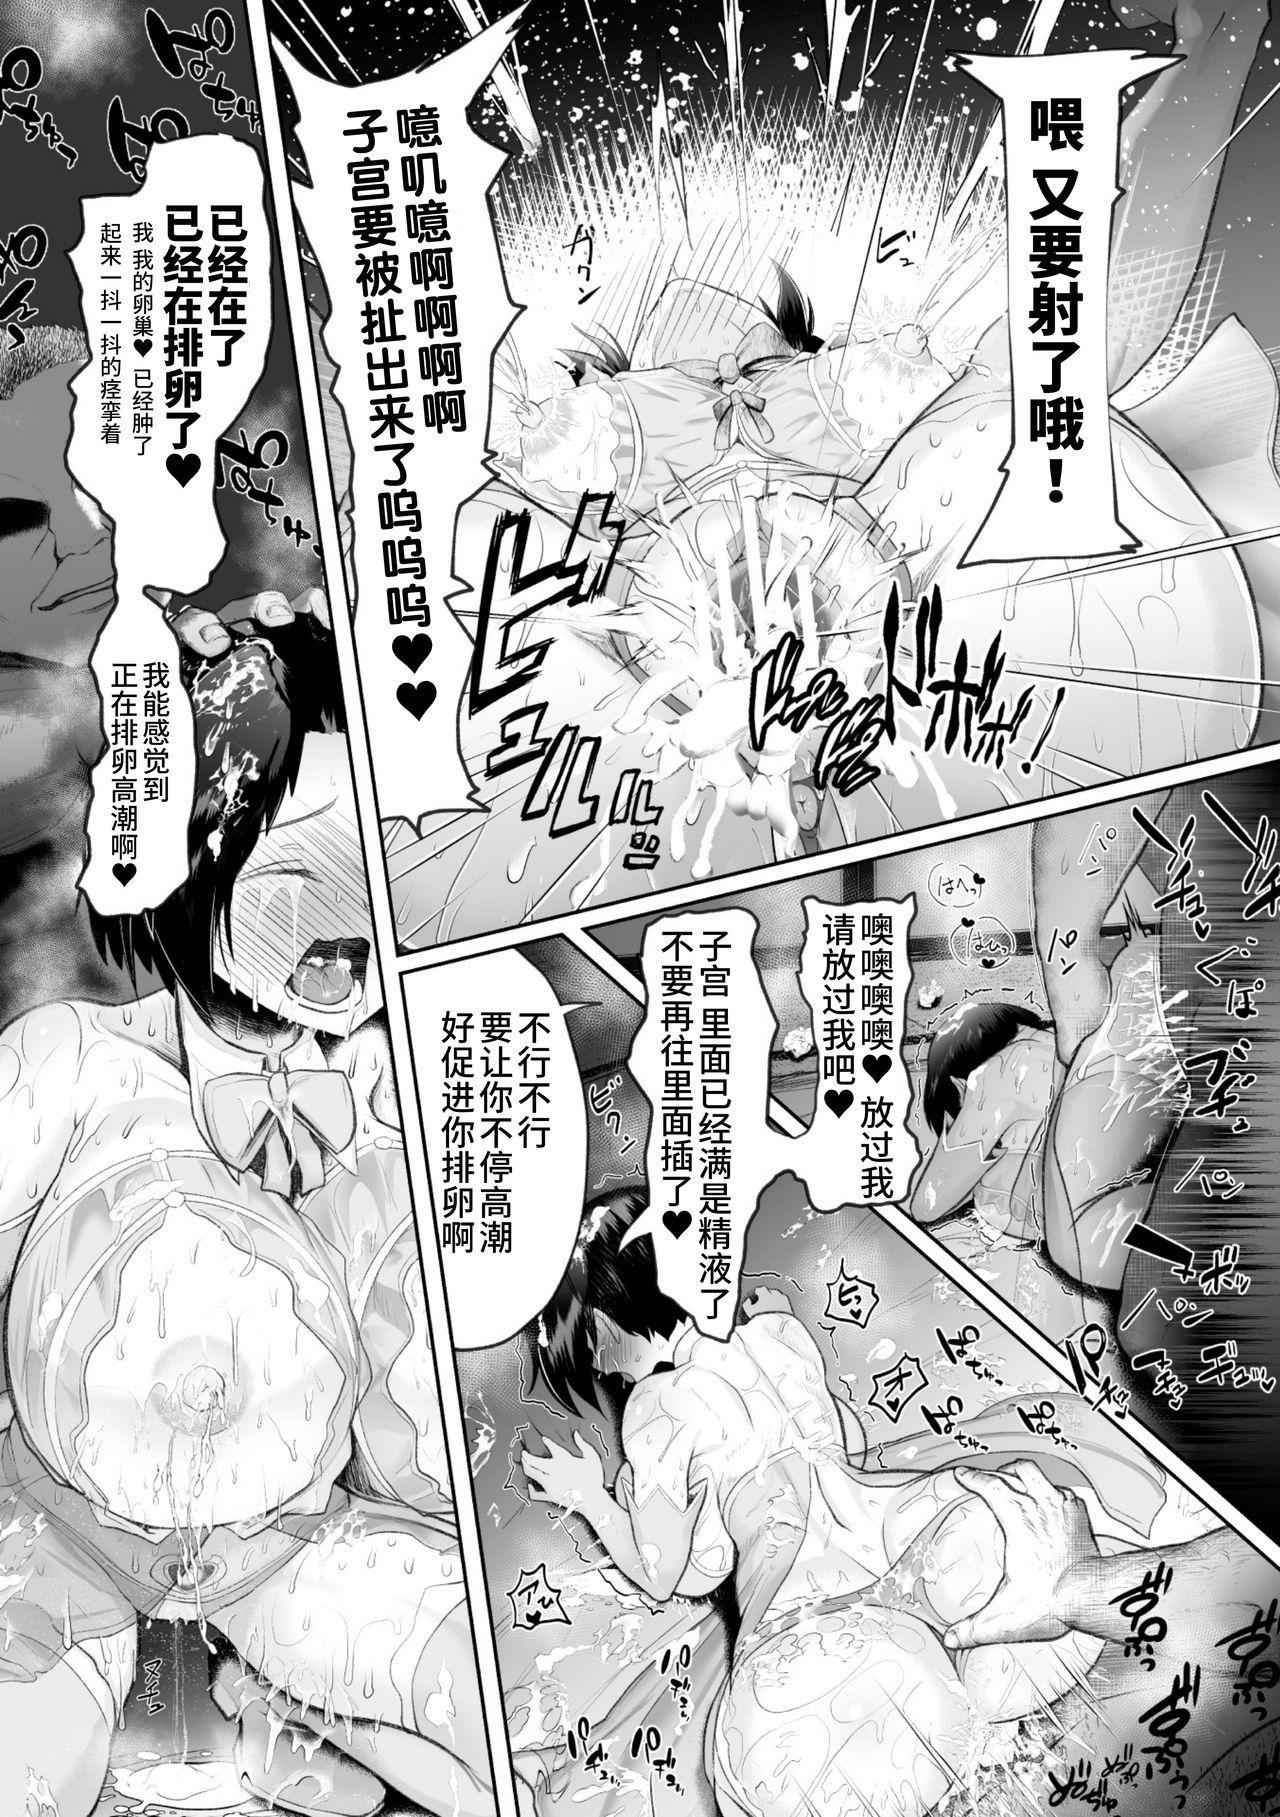 2D Comic Magazine Seigi no Heroine VS Tanetsuke Oji-san Vol. 2 37